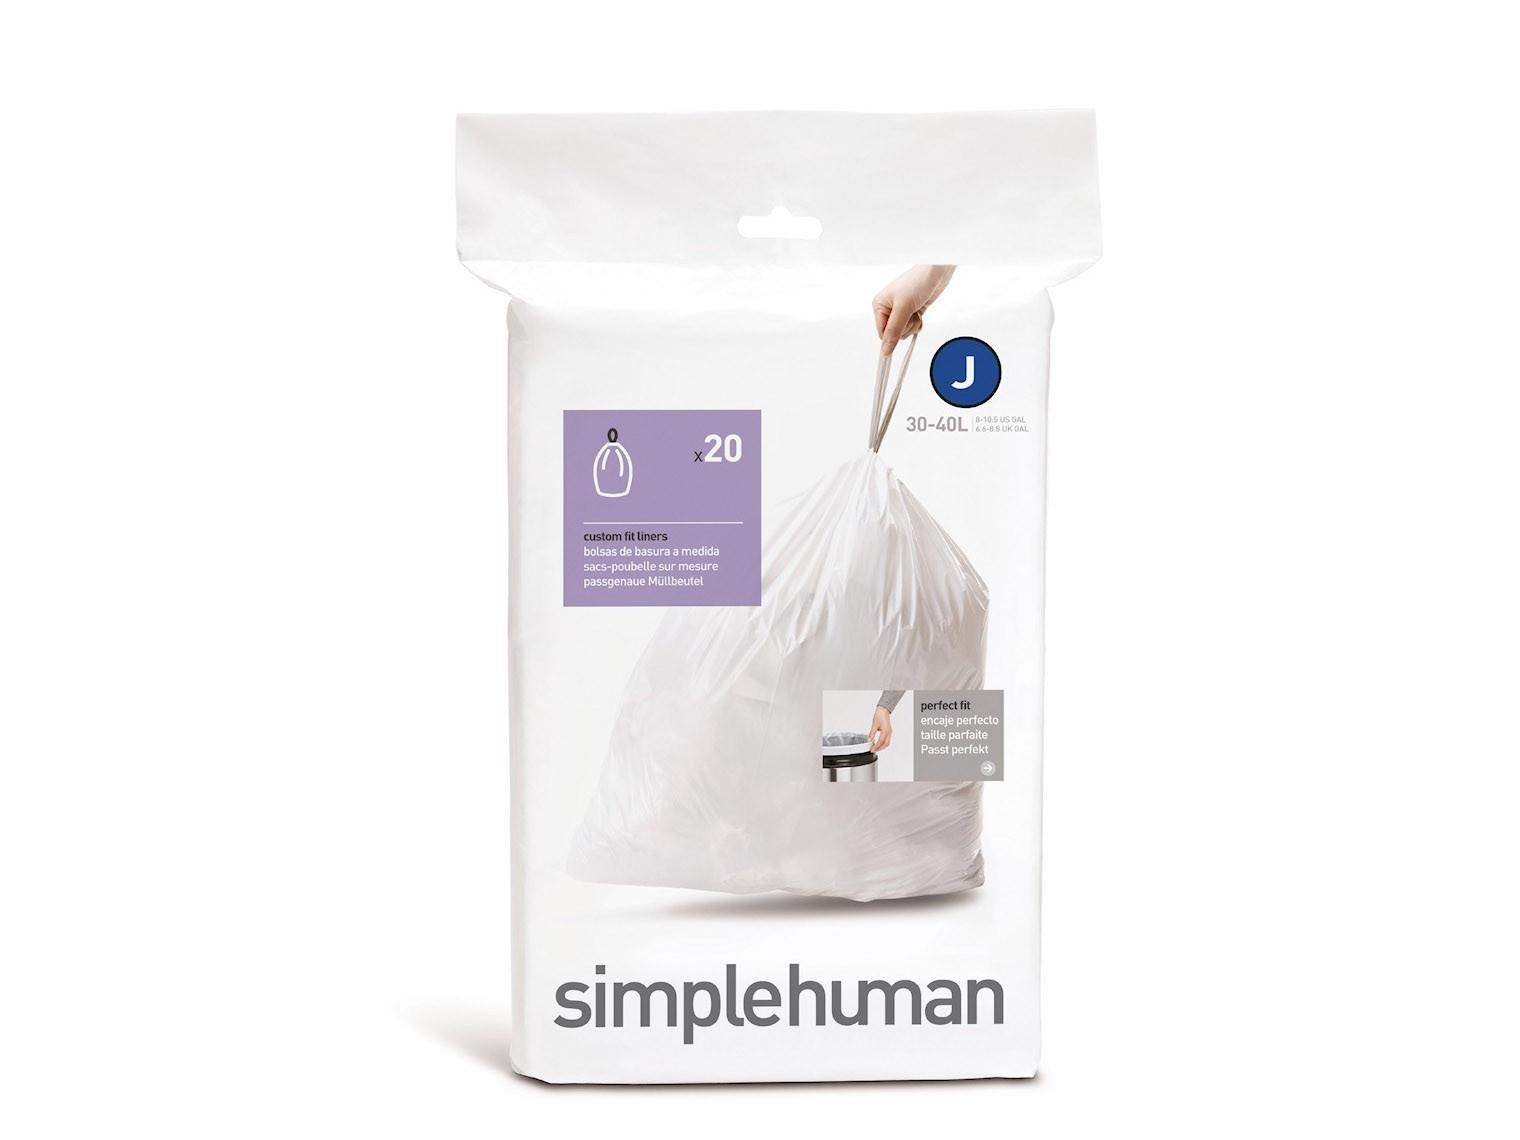 Worki na śmieci Simplehuman 30-45L rozm. J 20szt